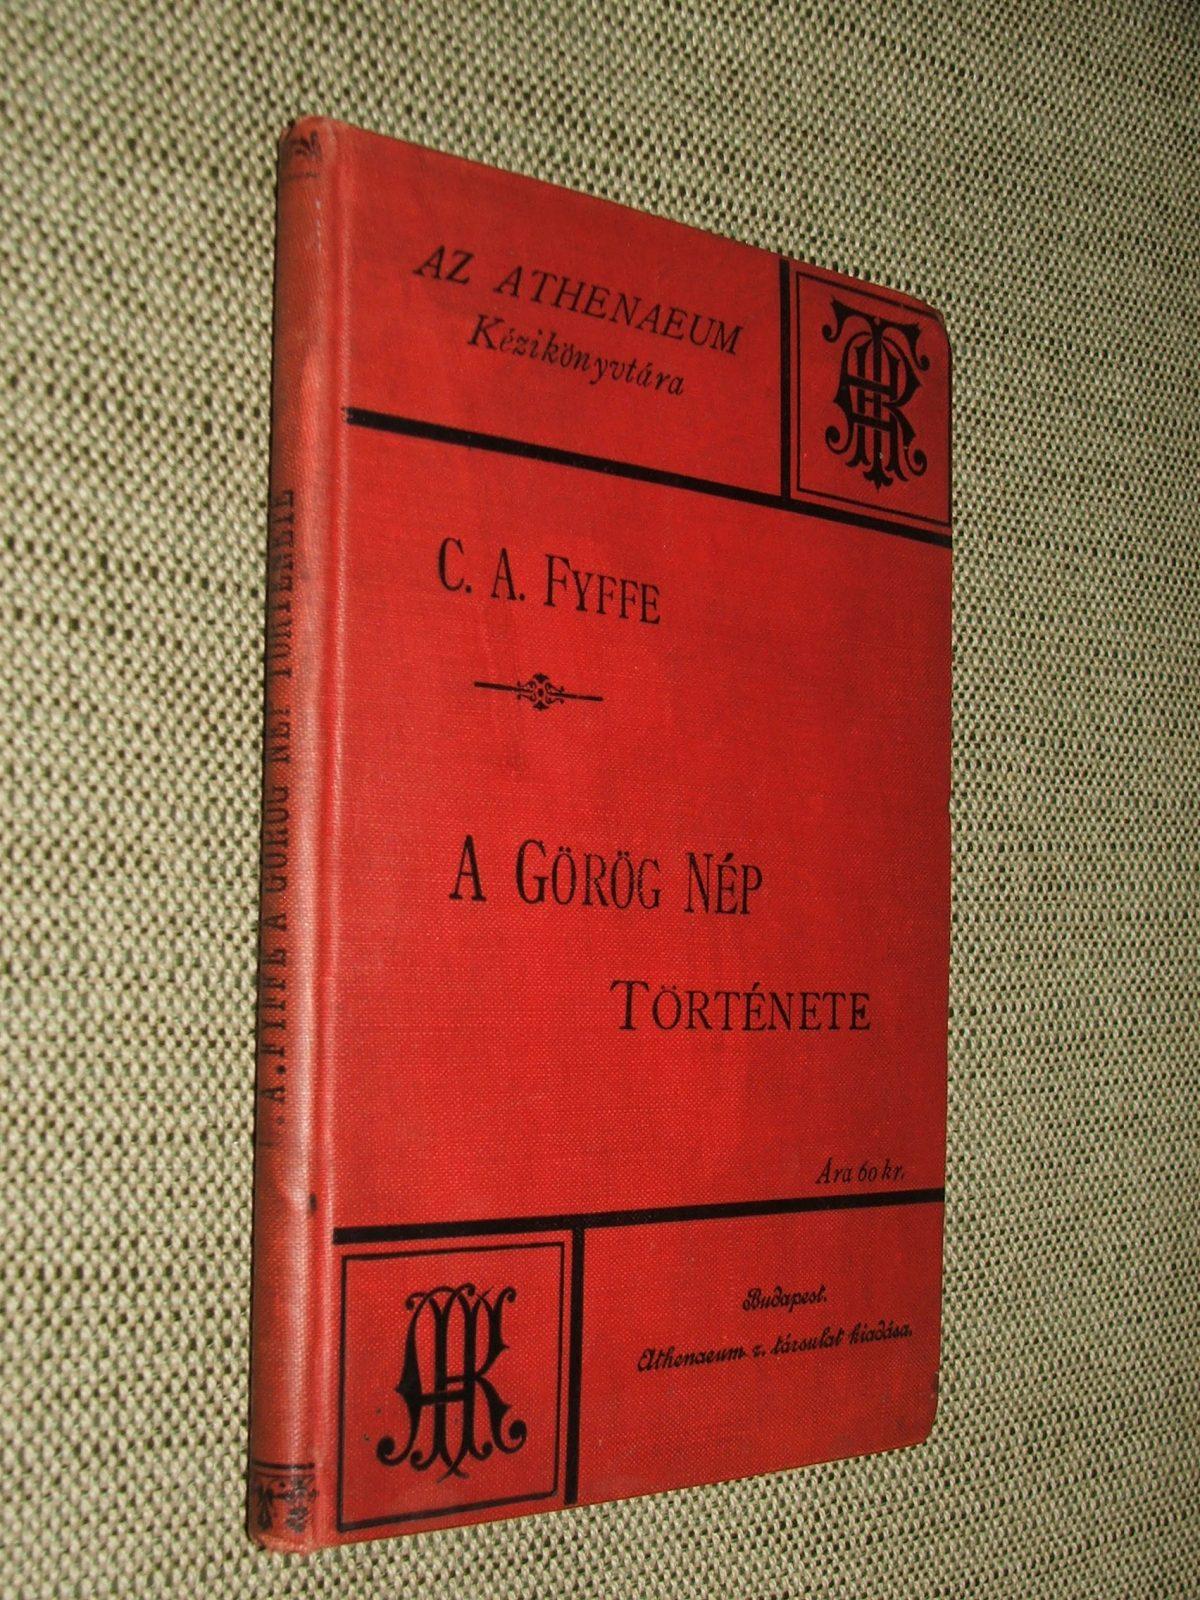 FYFFE, C. A.: A görög nép története.